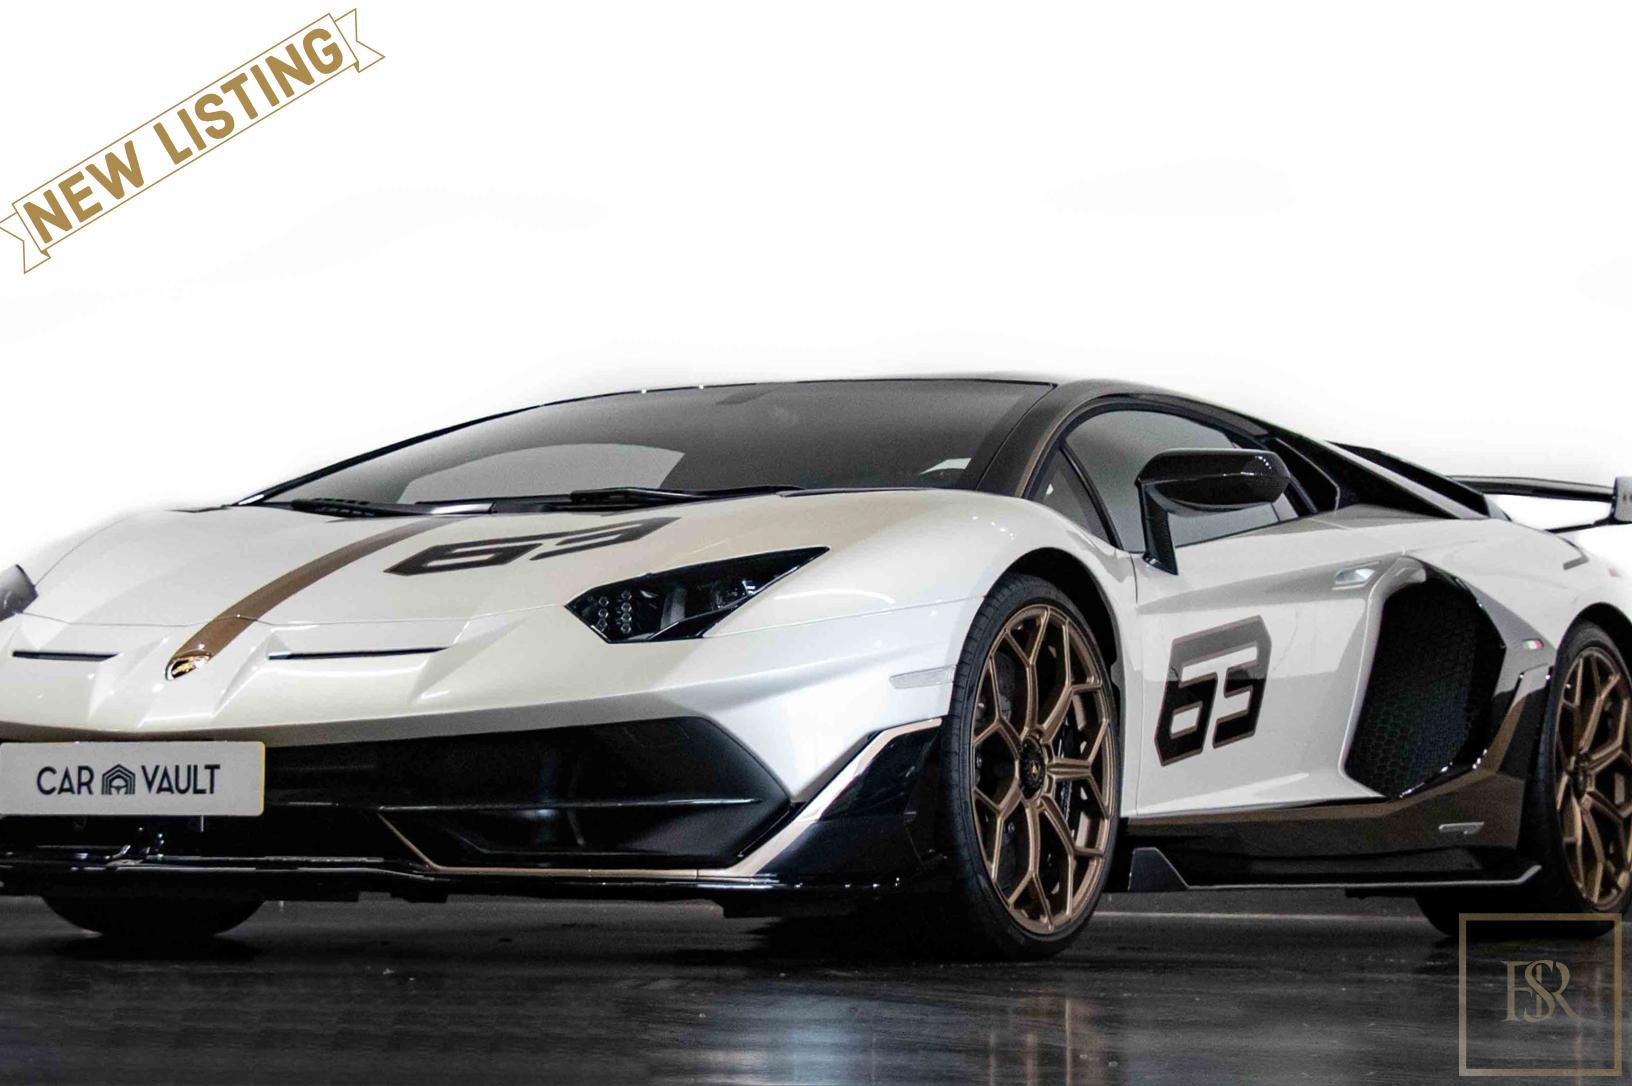 2020 Lamborghini AVENTADOR SVJ for sale For Super Rich